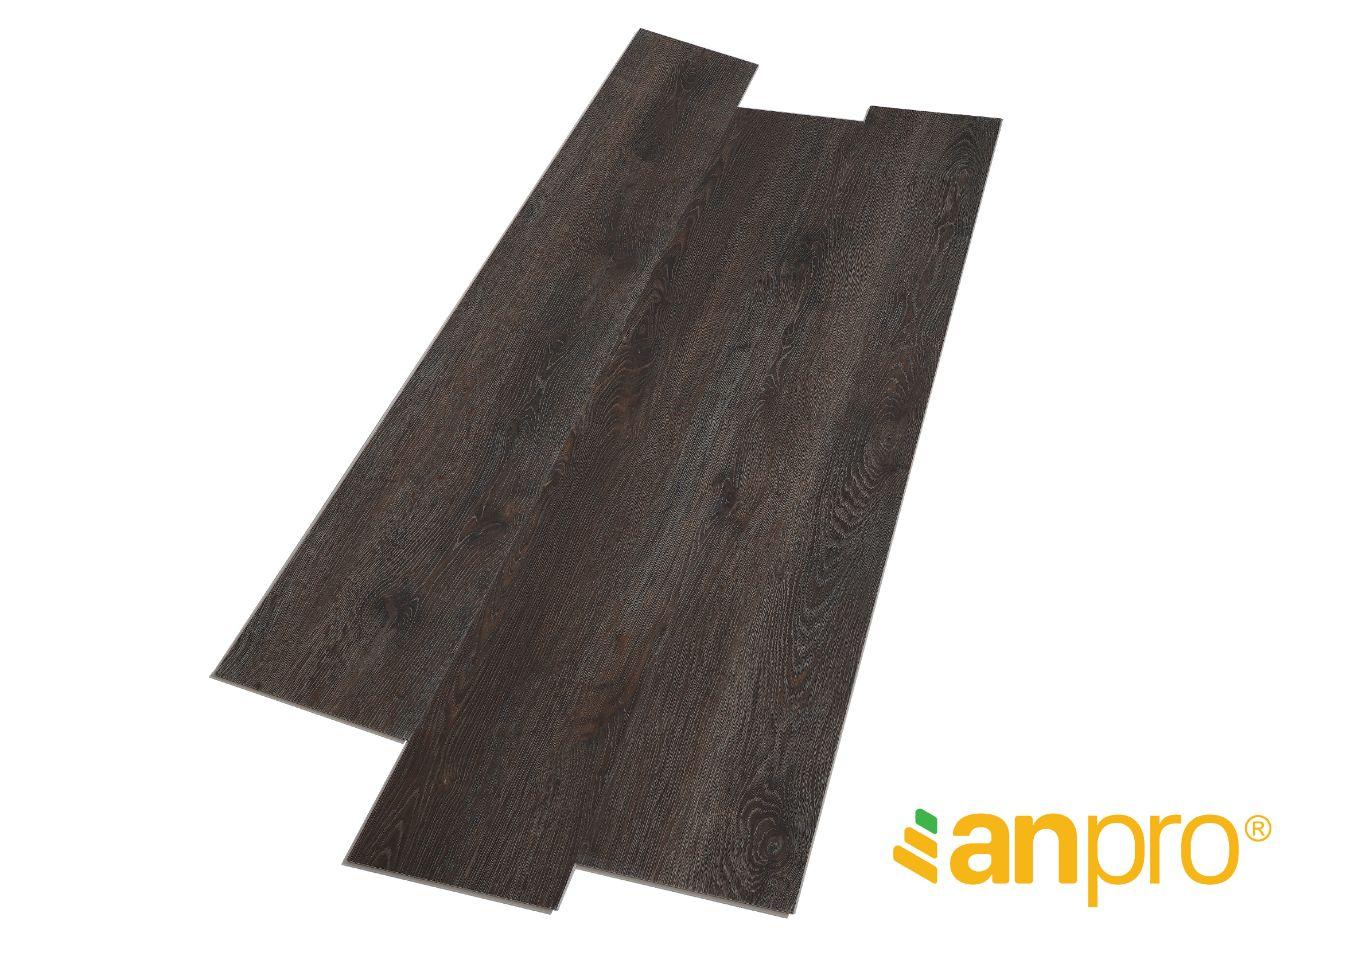 SA112 01 01 - Sàn AnPro vân gỗ SA112